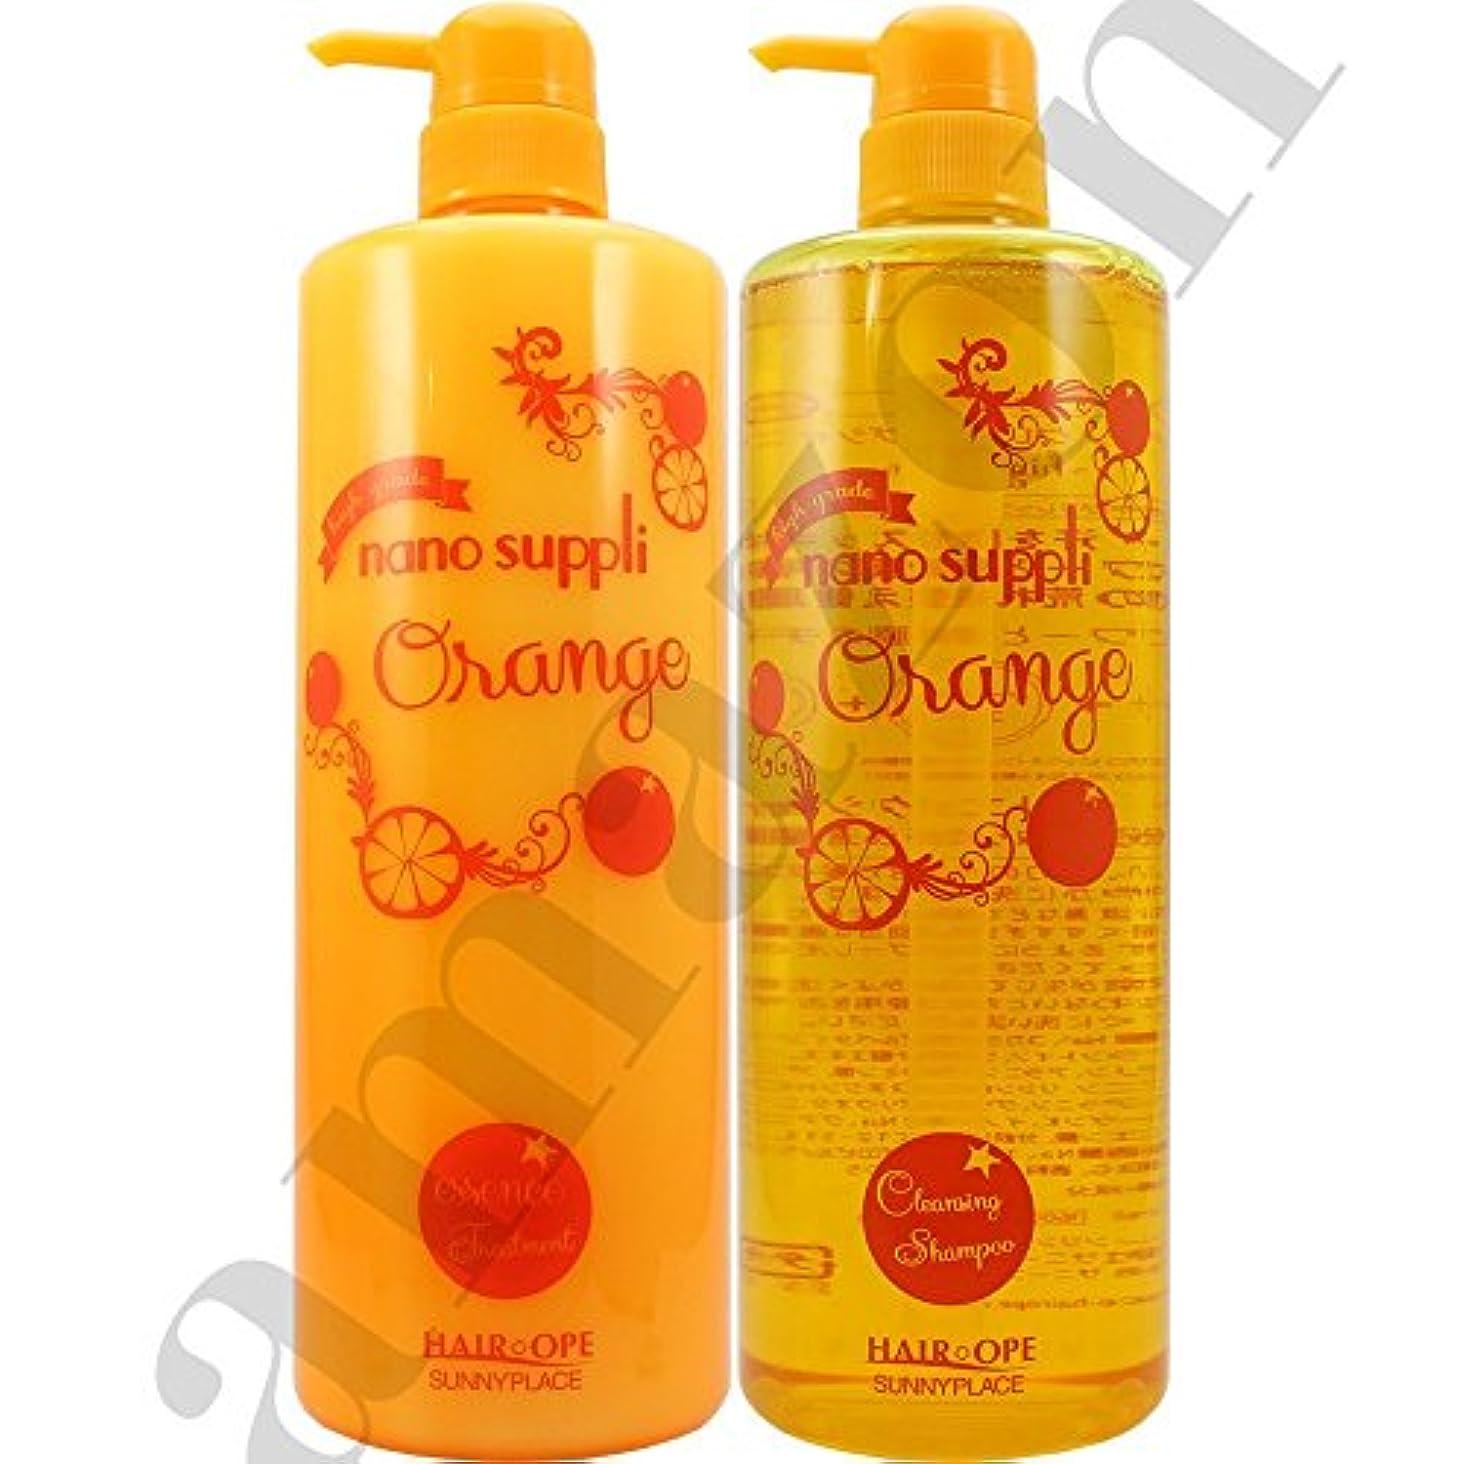 愛されし者ぬれたアグネスグレイサニープレイス ナノサプリ クレンジングシャンプー&コンディショナー オレンジ 1000mlボトルセット